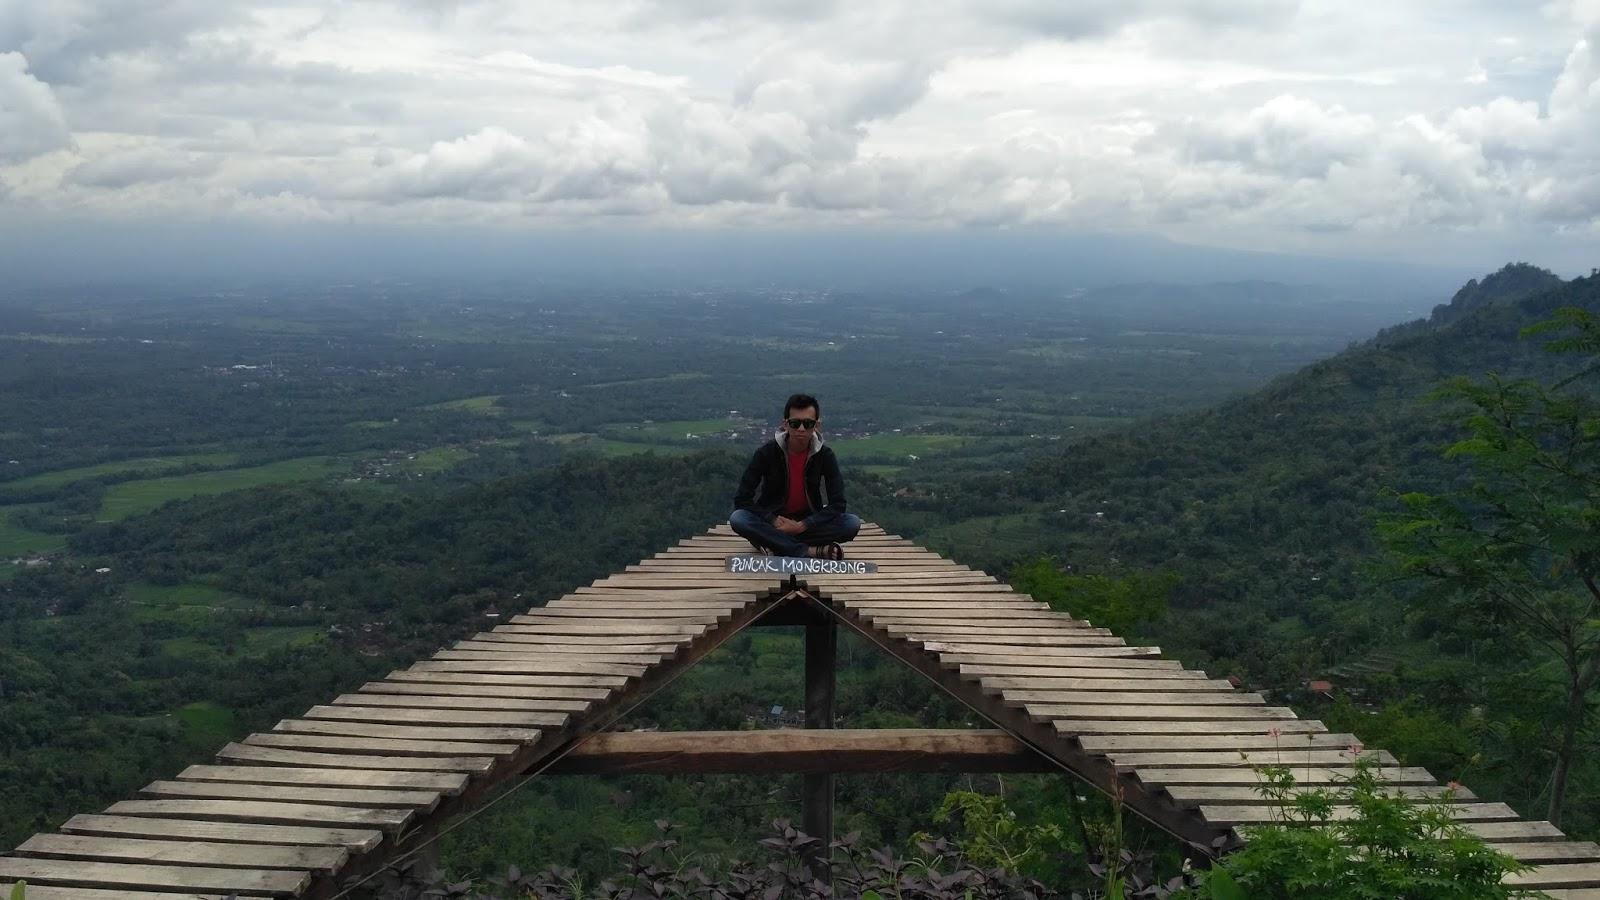 Menikmati Keindahan Alam Pegunungan Menoreh Punthuk Mongkrong Berfoto Photo Iwan